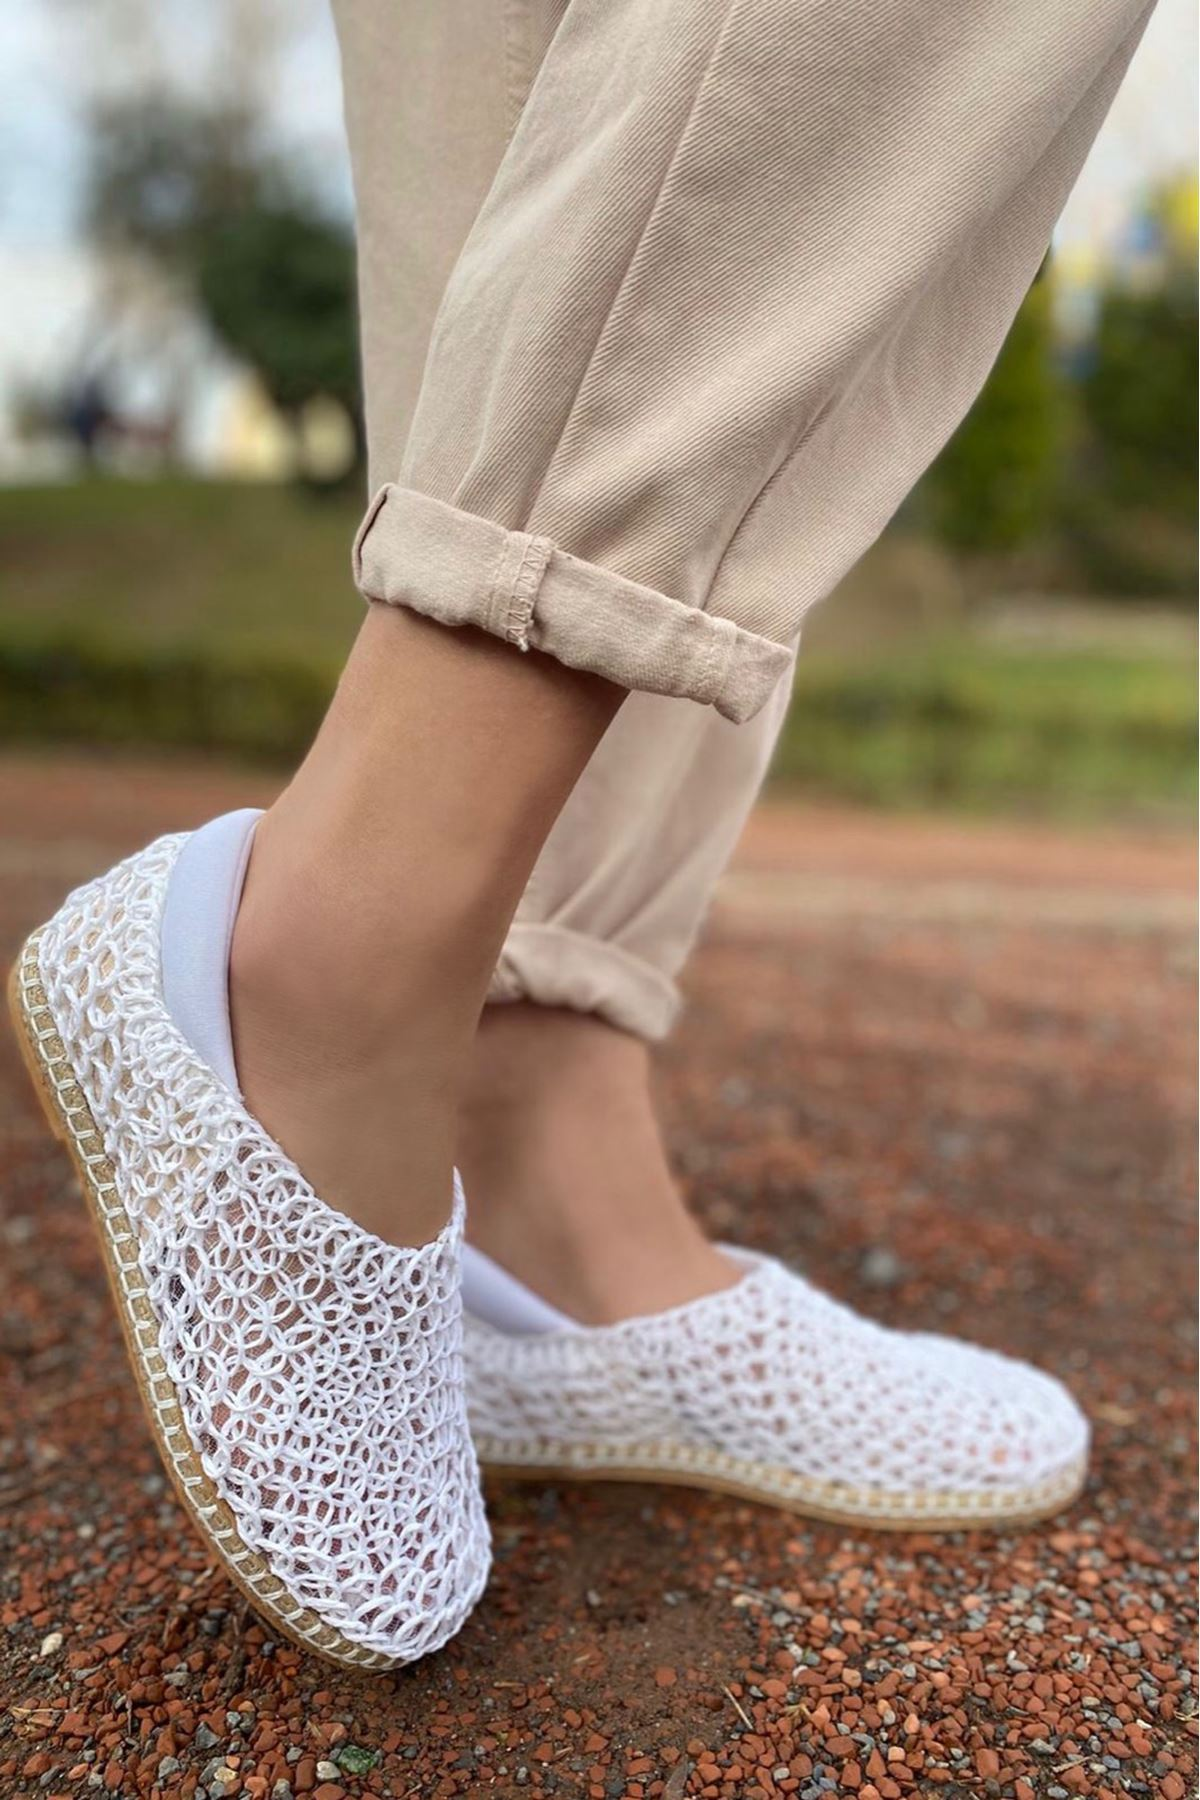 Wicker Beyaz Hasır Örgü Ayakkabı